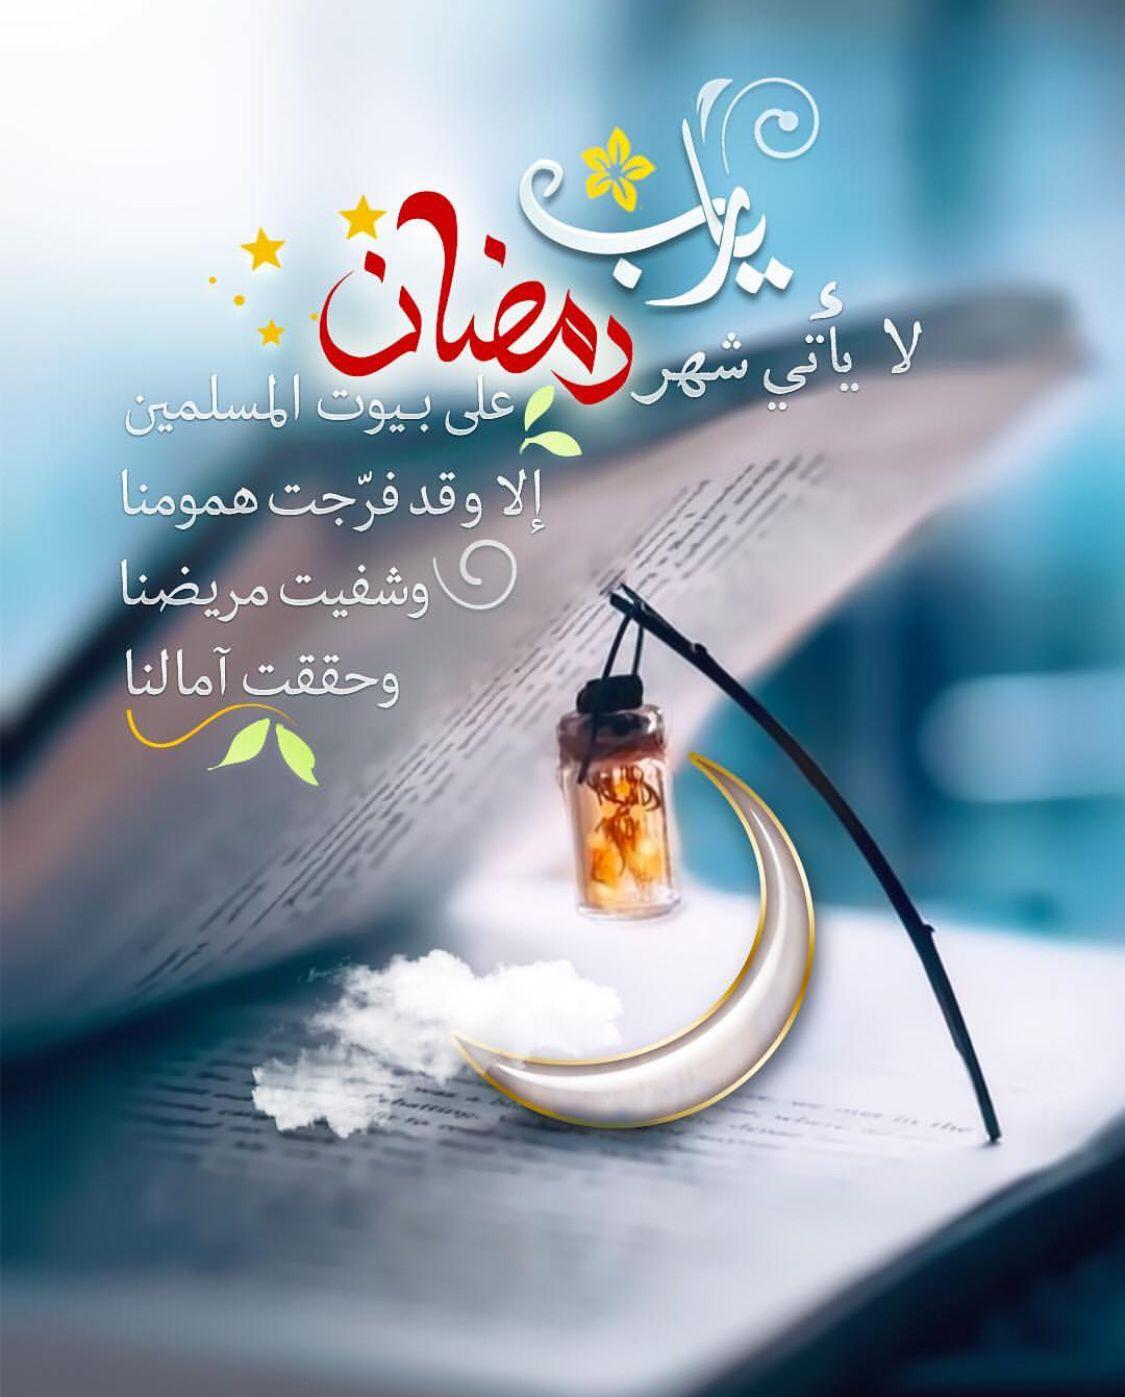 Pin By صورة و كلمة On رمضان كريم Ramadan Kareem Ramadan Ramadan Crafts Ramadan Decorations